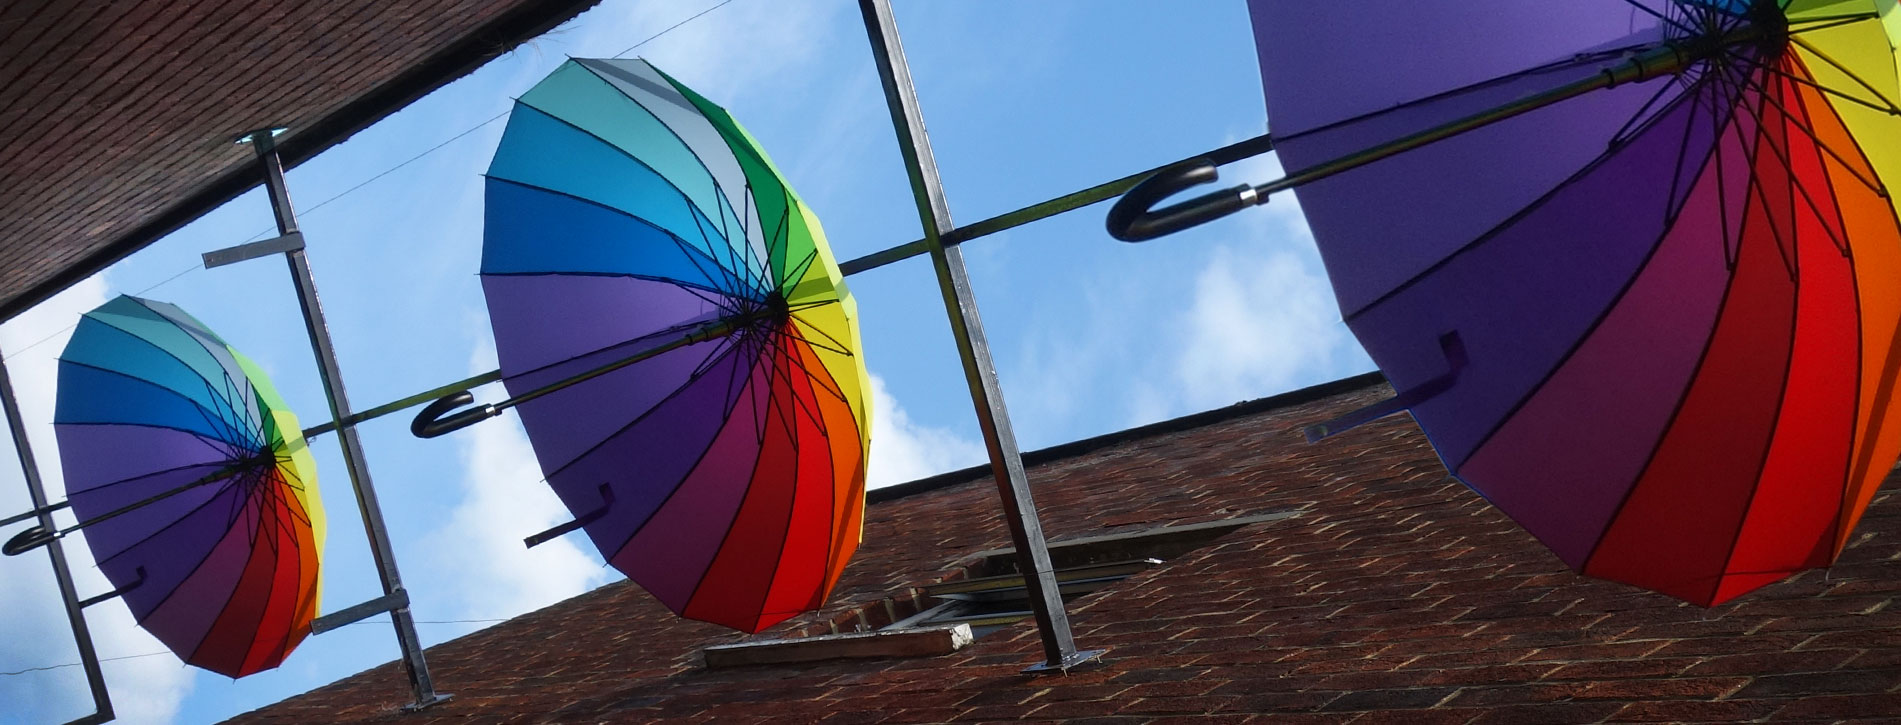 umbrella_alley2_home_banner